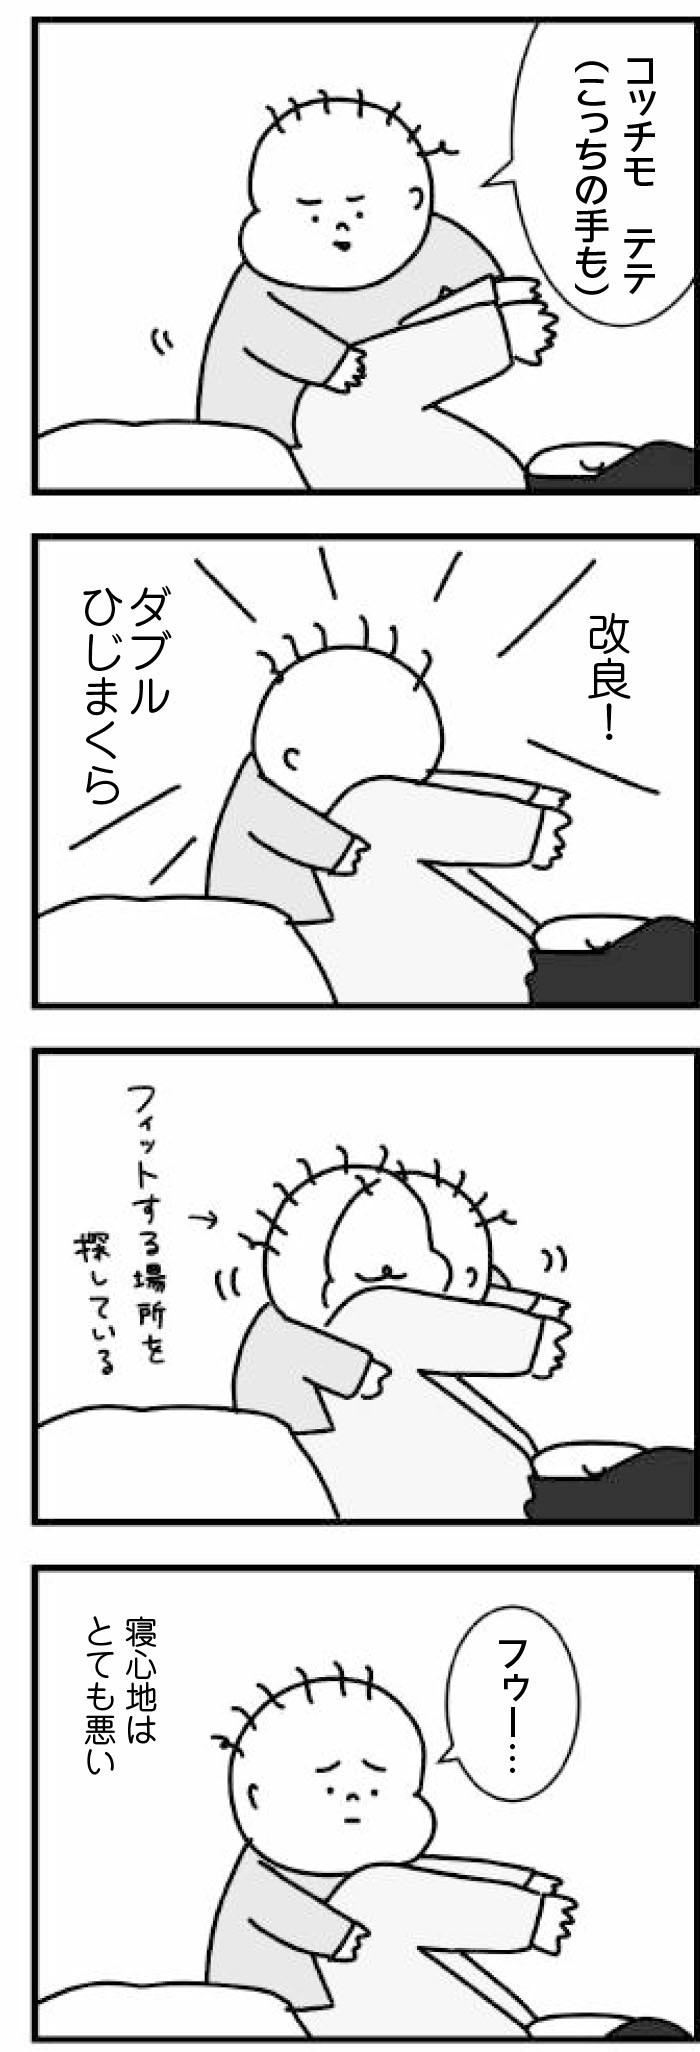 """それ寝ごこち悪くない?謎の入眠儀式""""ひじまくら""""とはの画像2"""